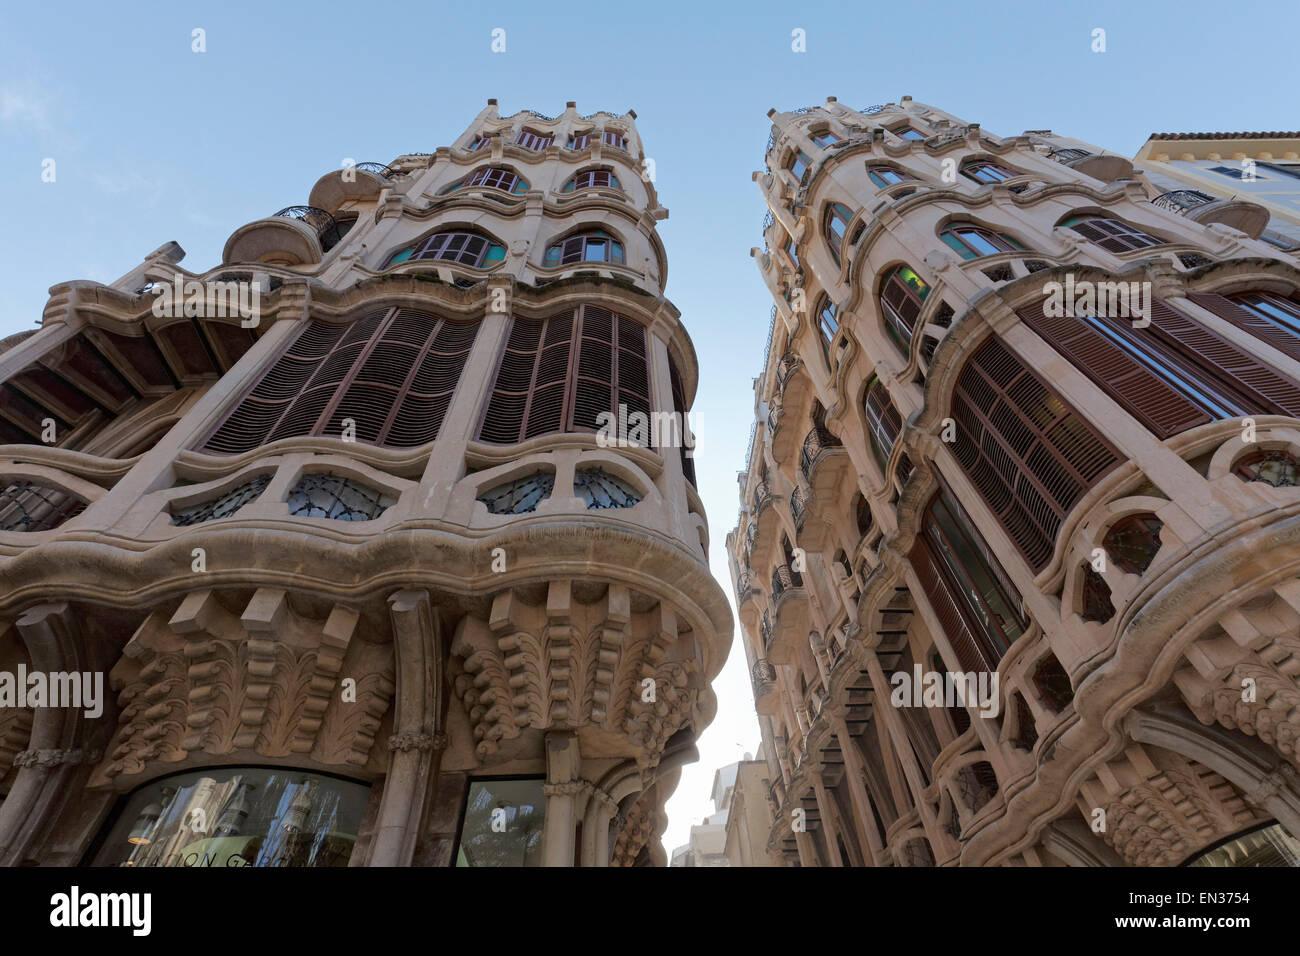 Edifici casayas catalan art nouveau houses modernism for Artiste peintre catalan